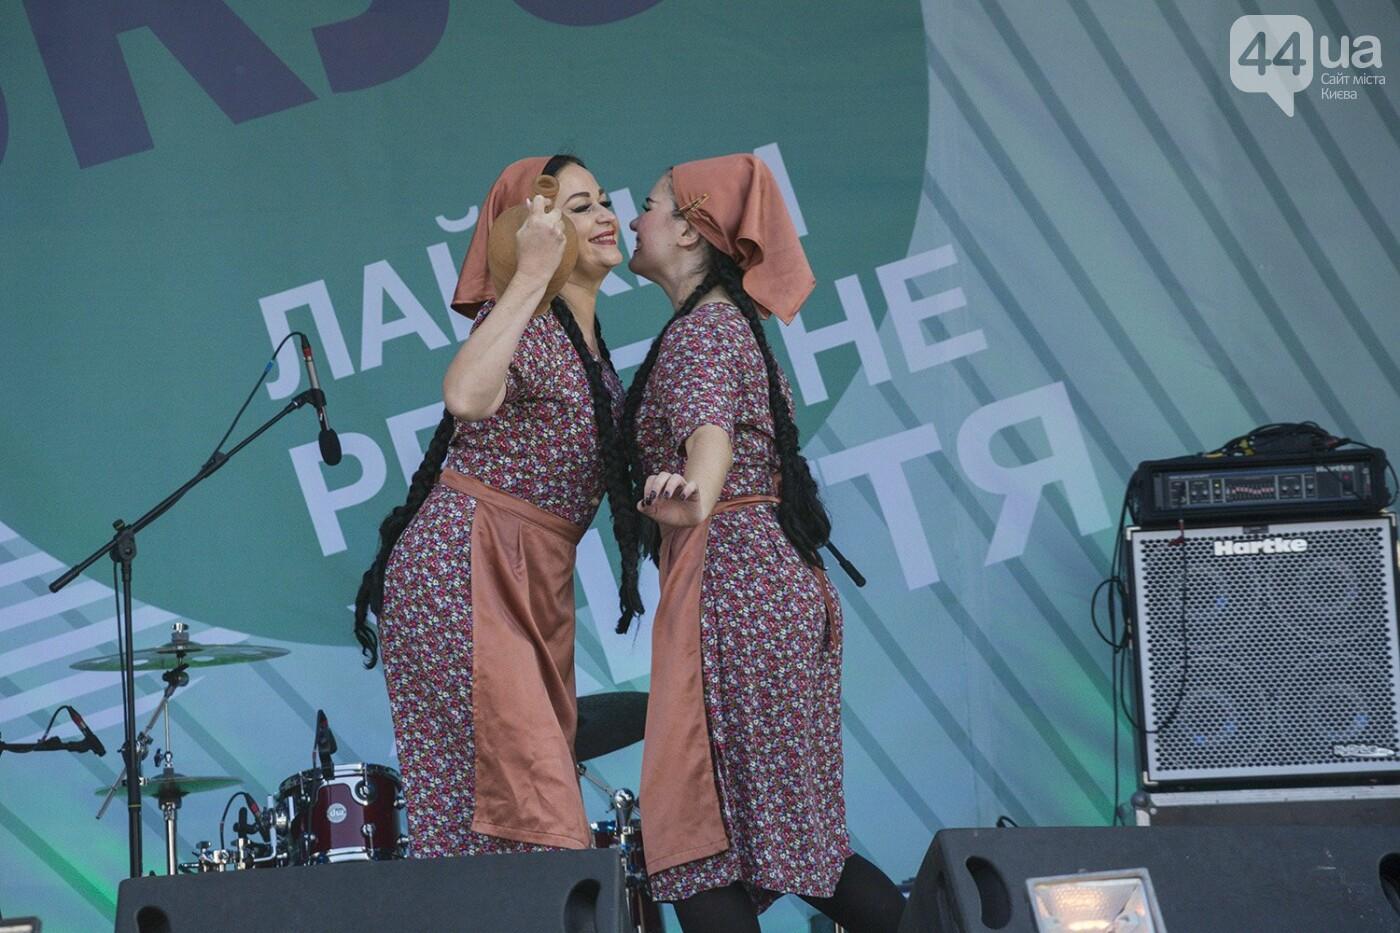 Хачапури и зажигательные танцы: как в Киеве прошел Borjomi Fest-2018, - ФОТОРЕПОРТАЖ, фото-17